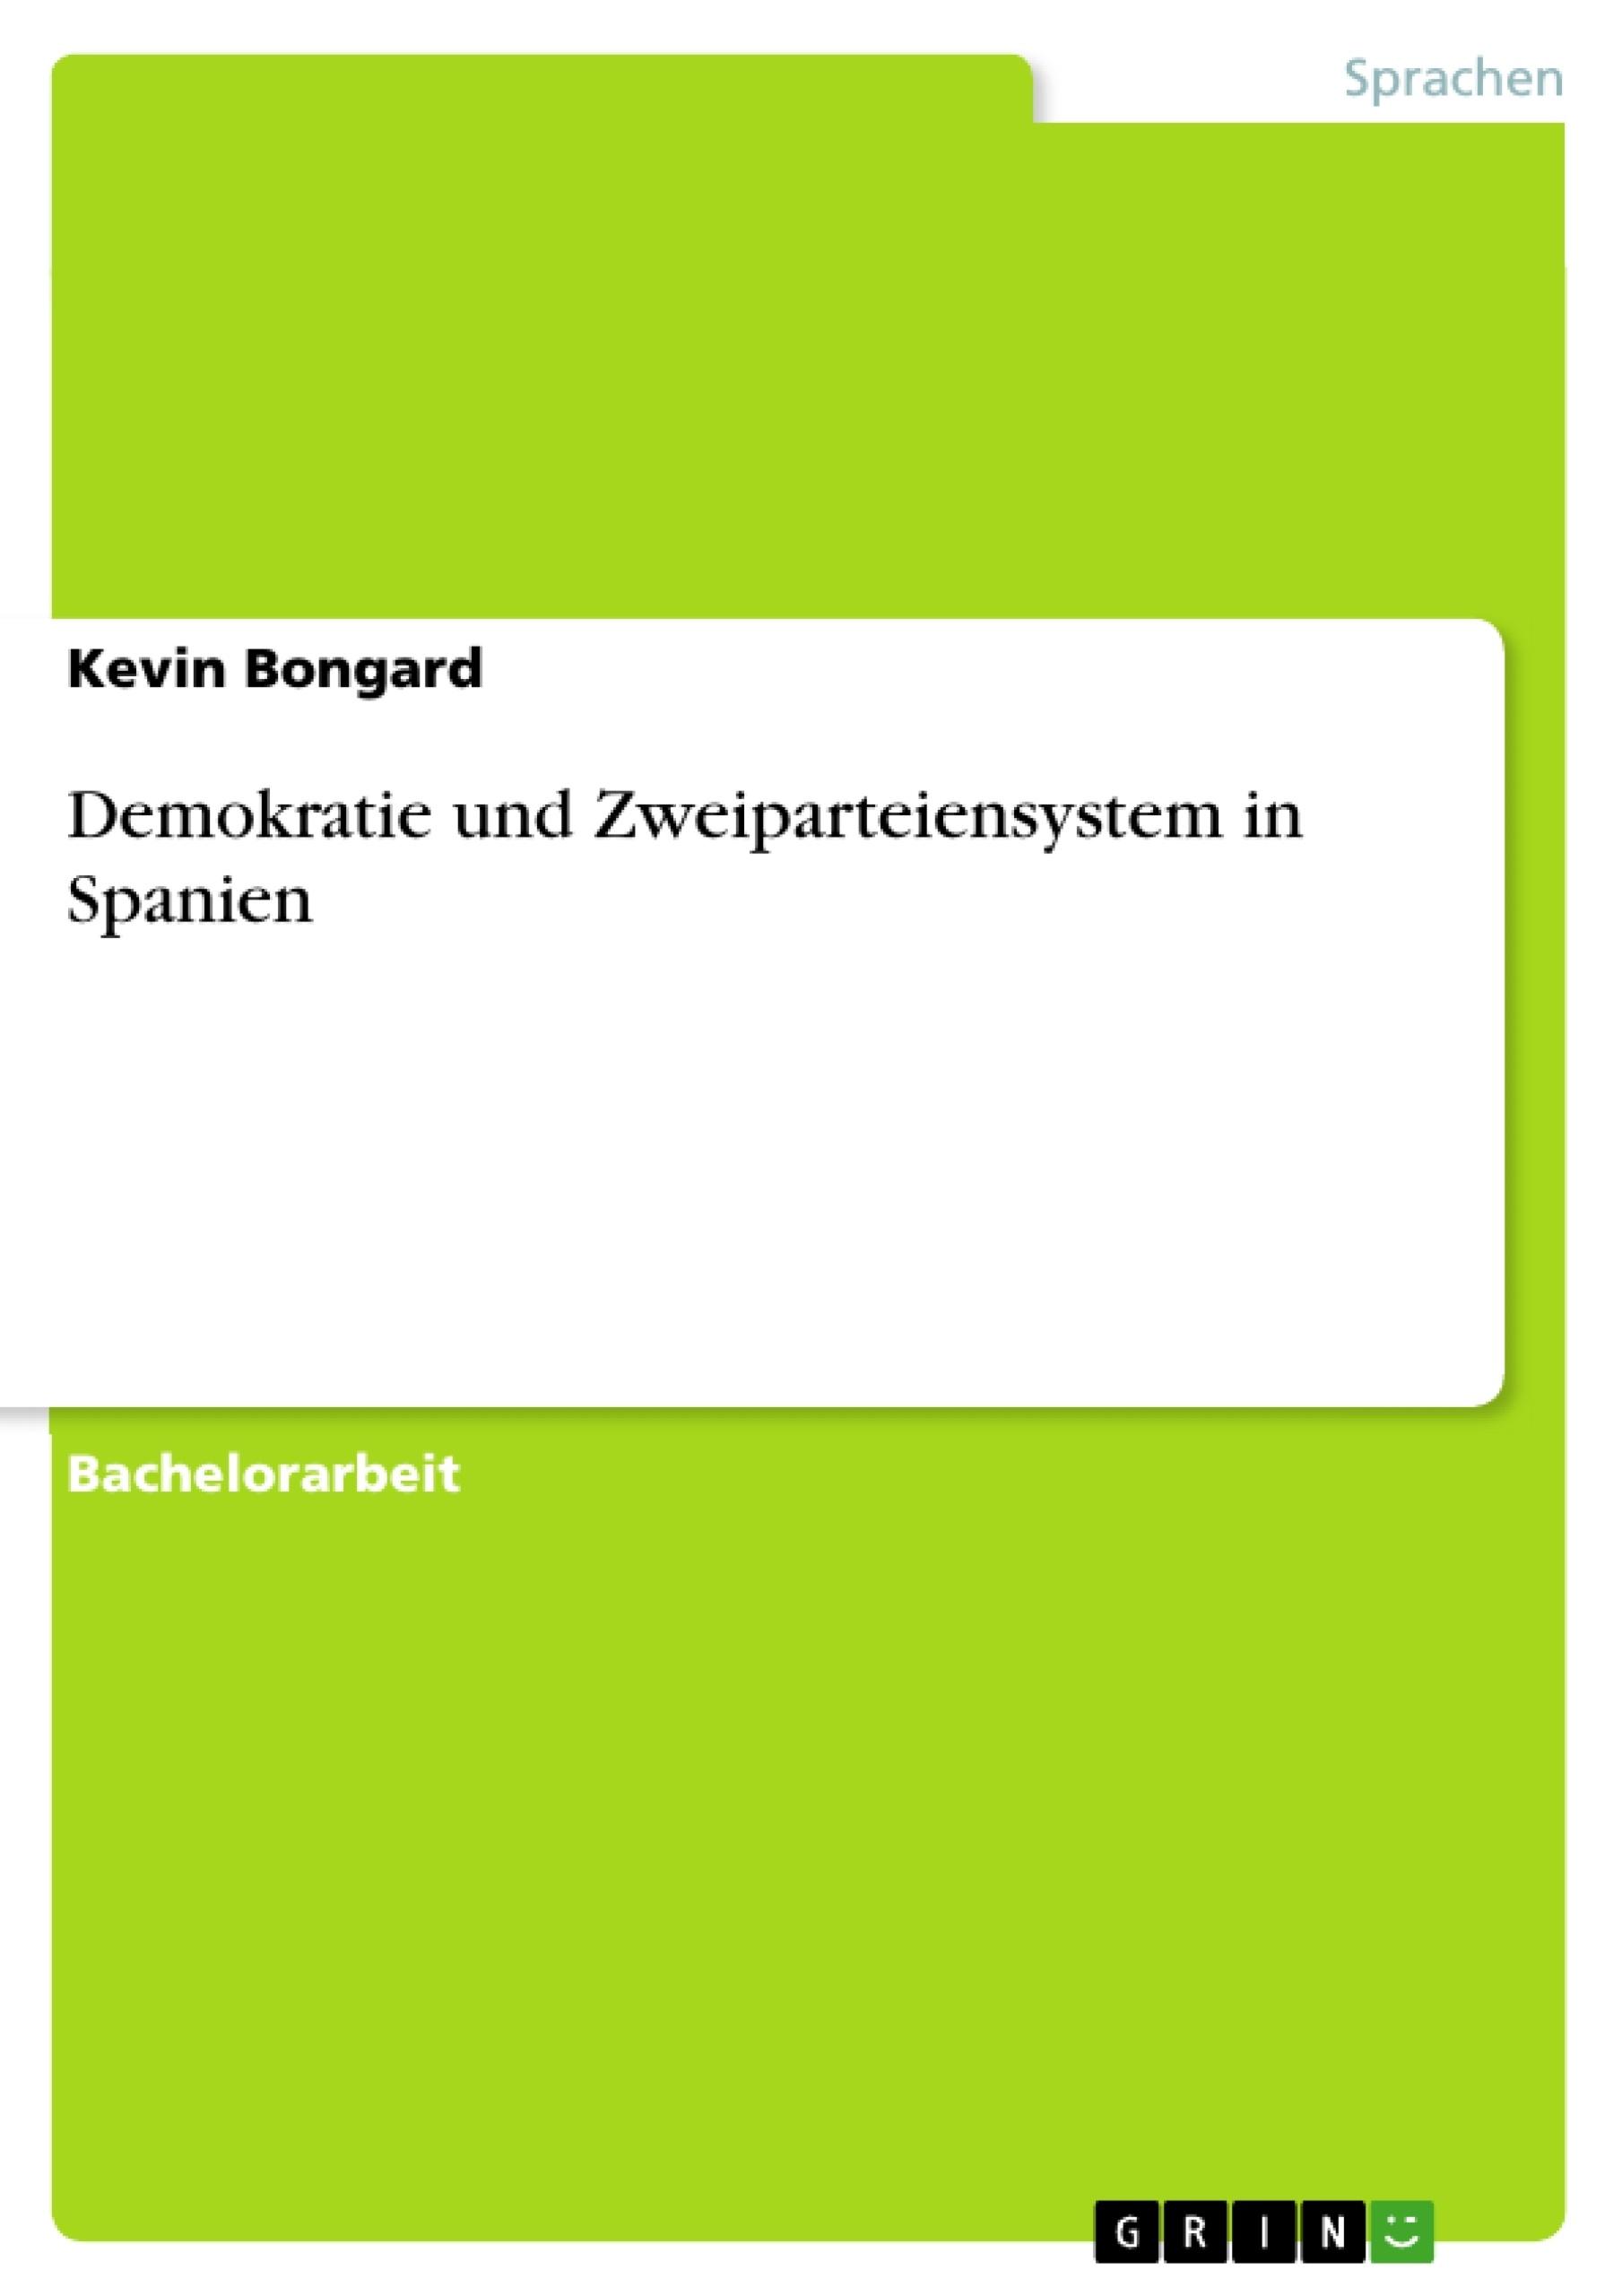 Titel: Demokratie und Zweiparteiensystem in Spanien